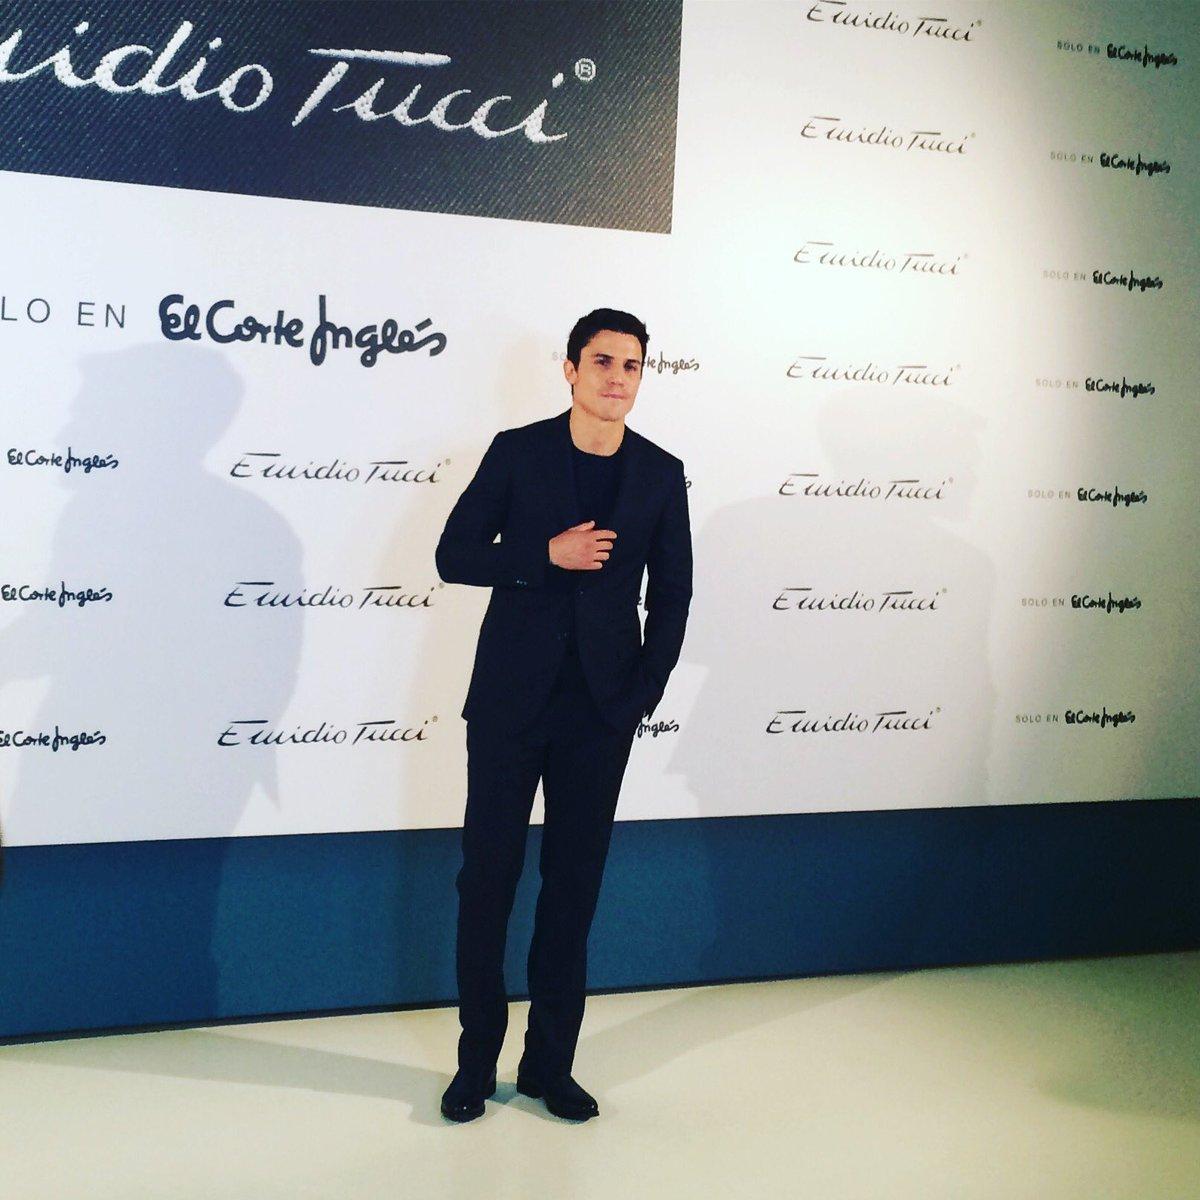 Aquí está el nuevo chico #EmidioTucci para @elcorteingles  @alexgonzalezact https://t.co/dNj67sh3D6